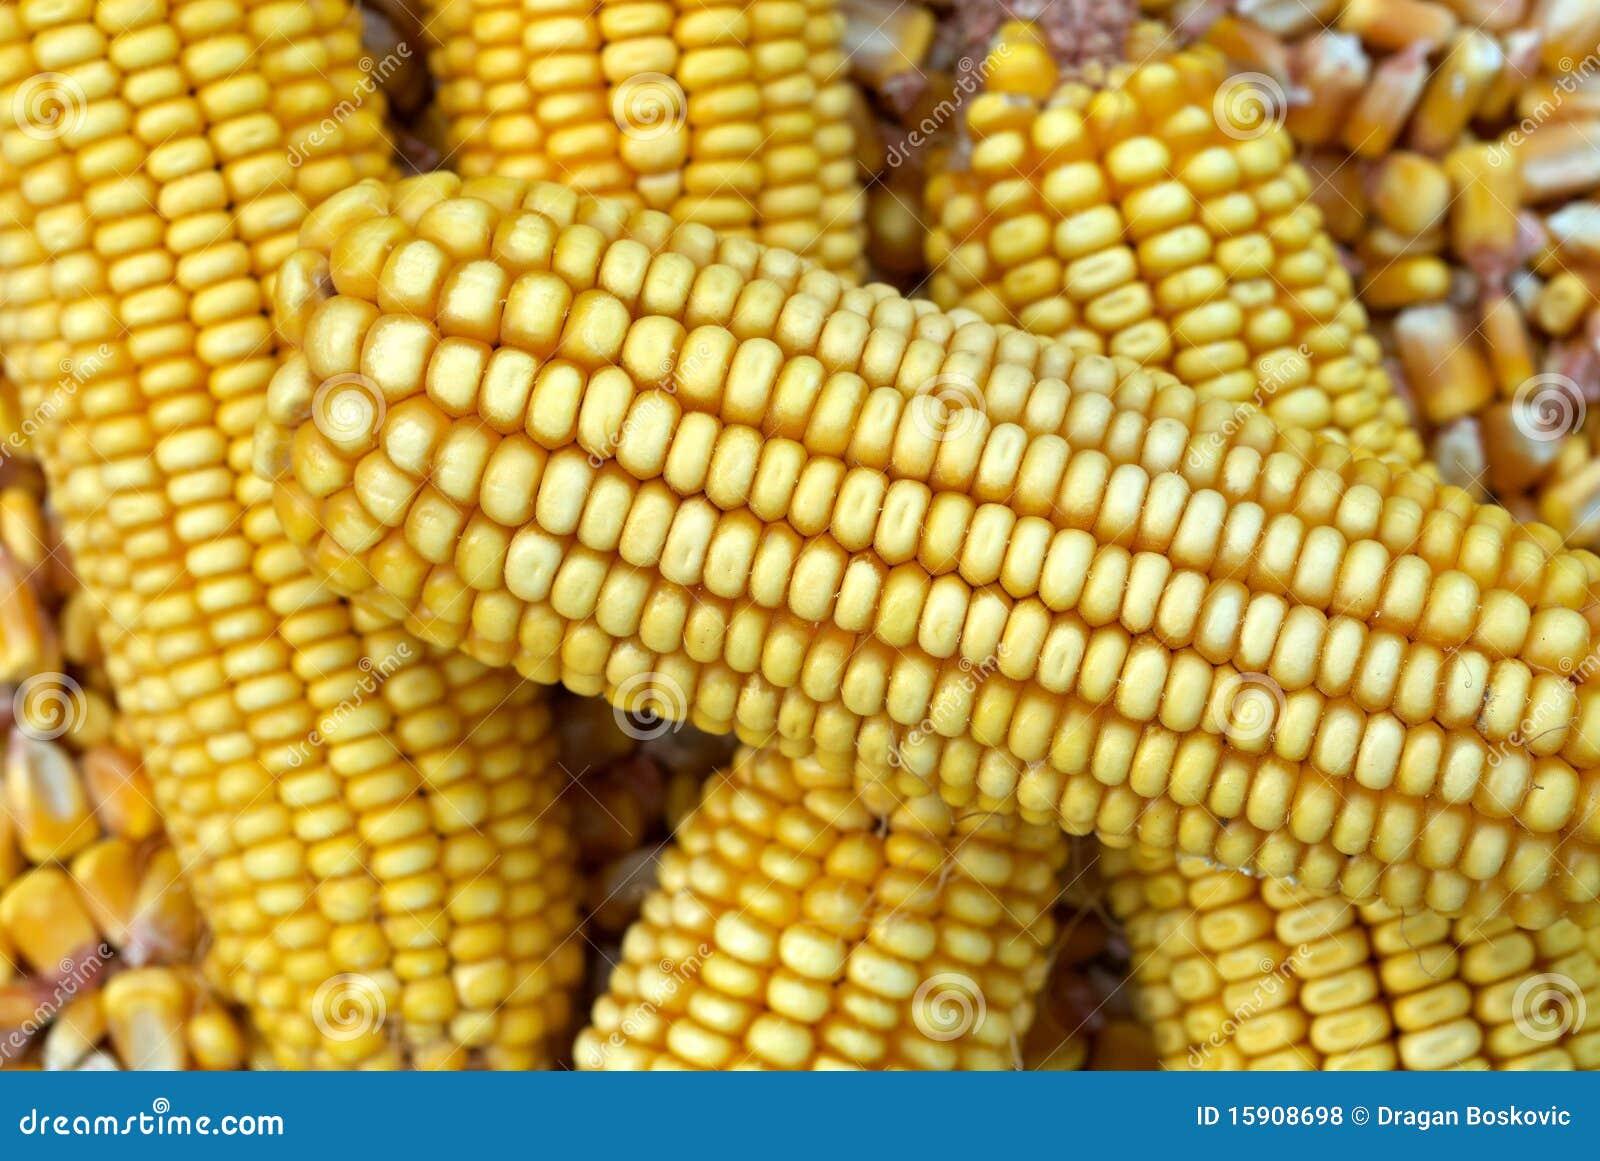 Mazorca de maiz una mazorca de maz u vector de stock for Como cocinar mazorcas de maiz